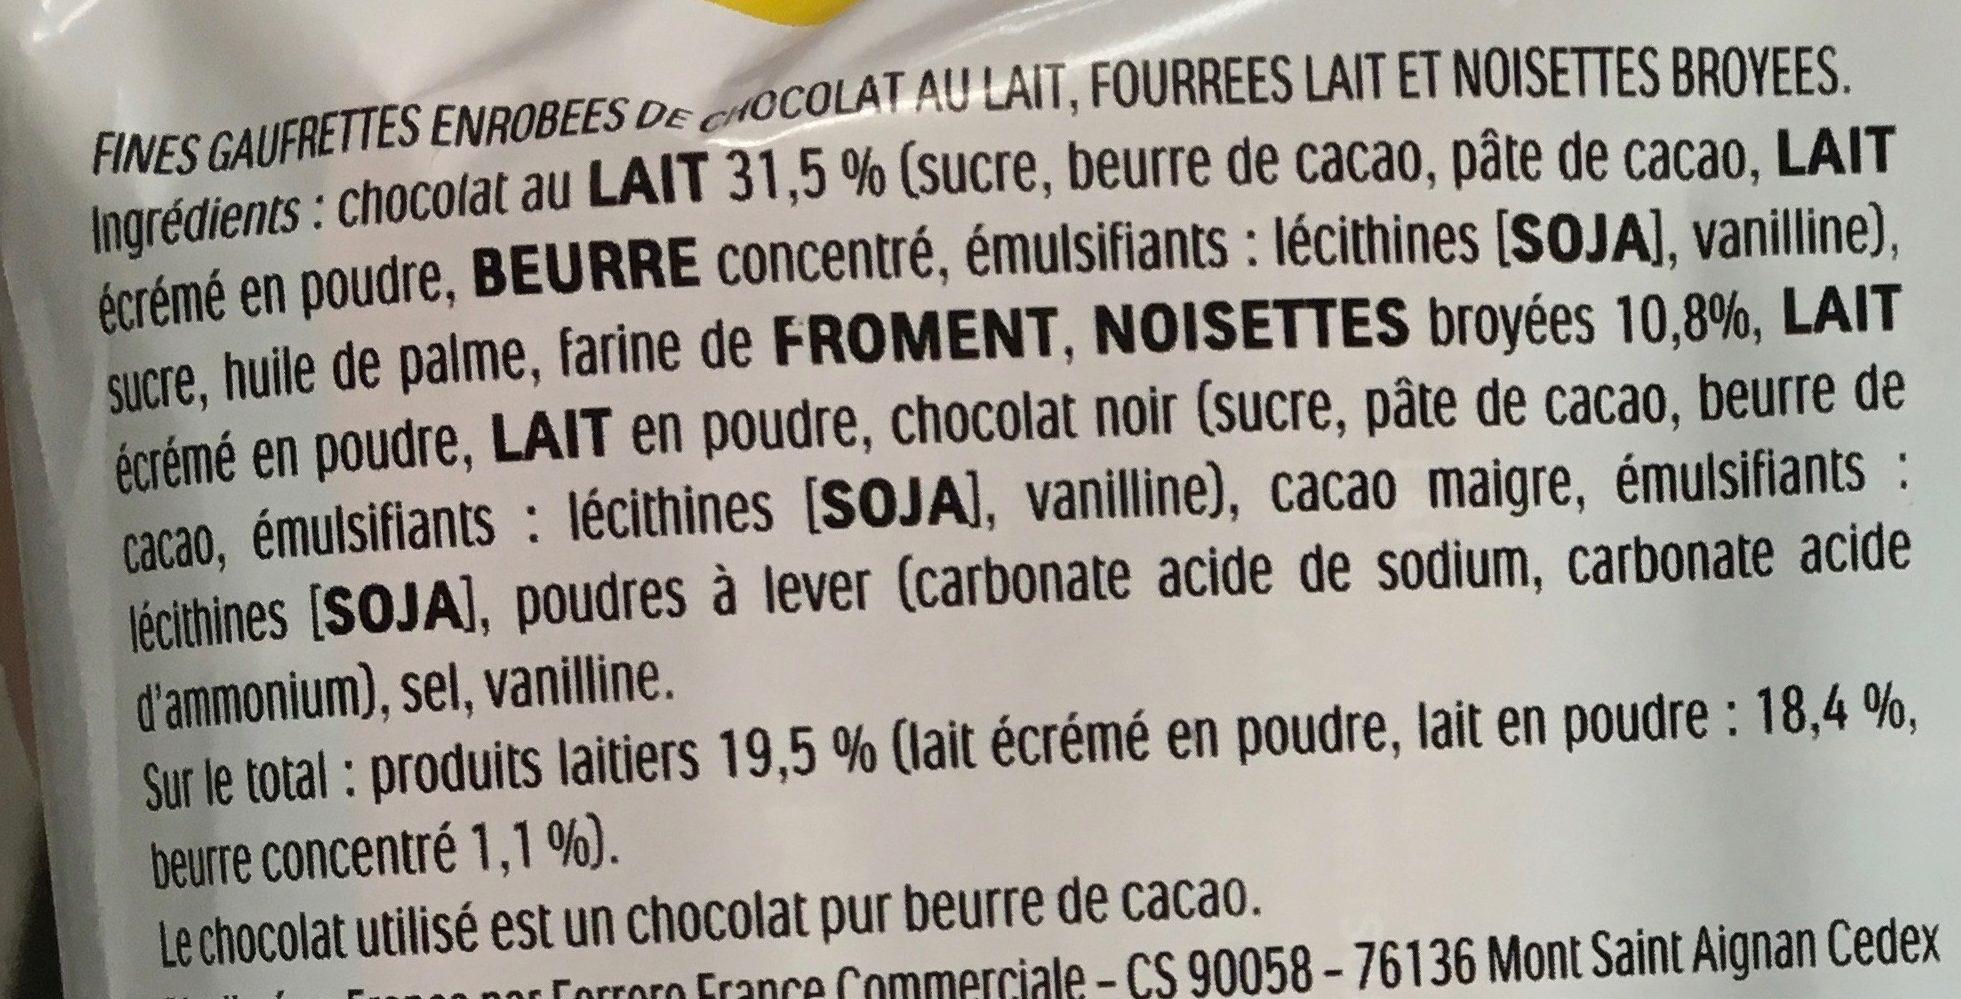 Kinder bueno gaufrettes enrobees de chocolat 2 x2 barres - Ingrediënten - fr